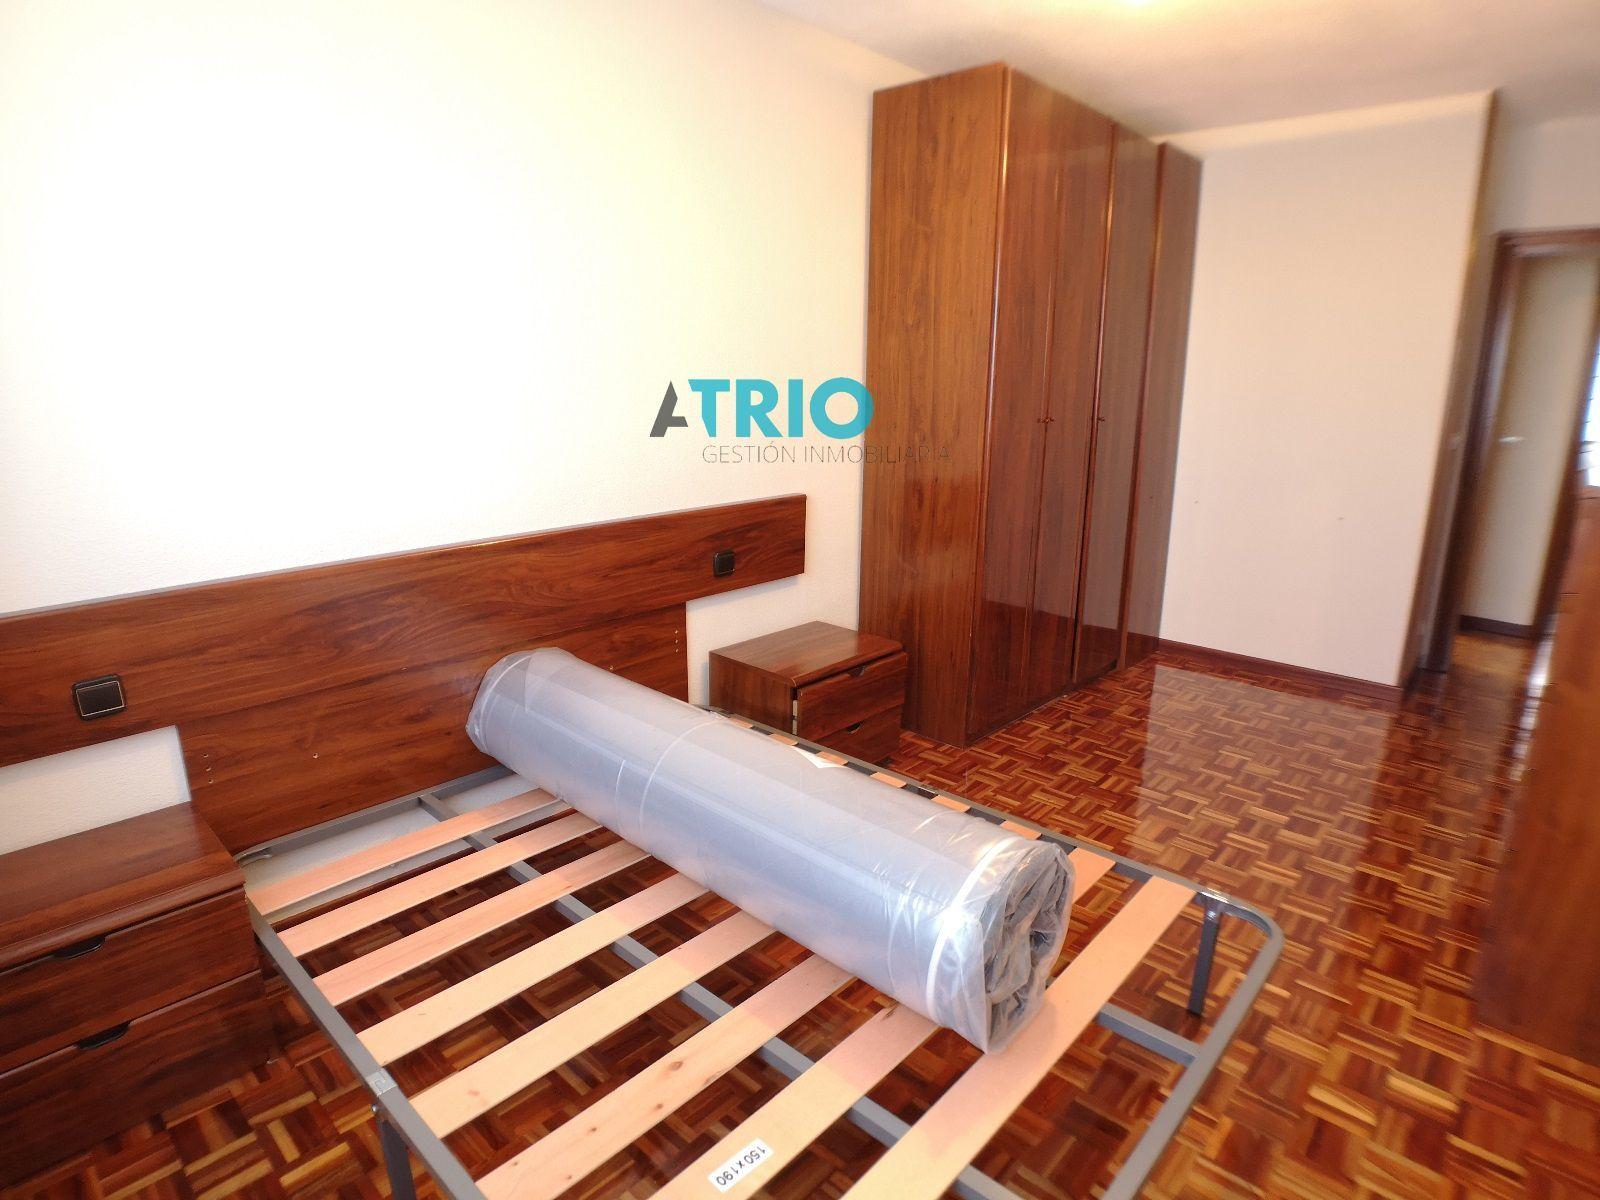 dia.mobiliagestion.es/Portals/inmoatrio/Images/7106/5520817